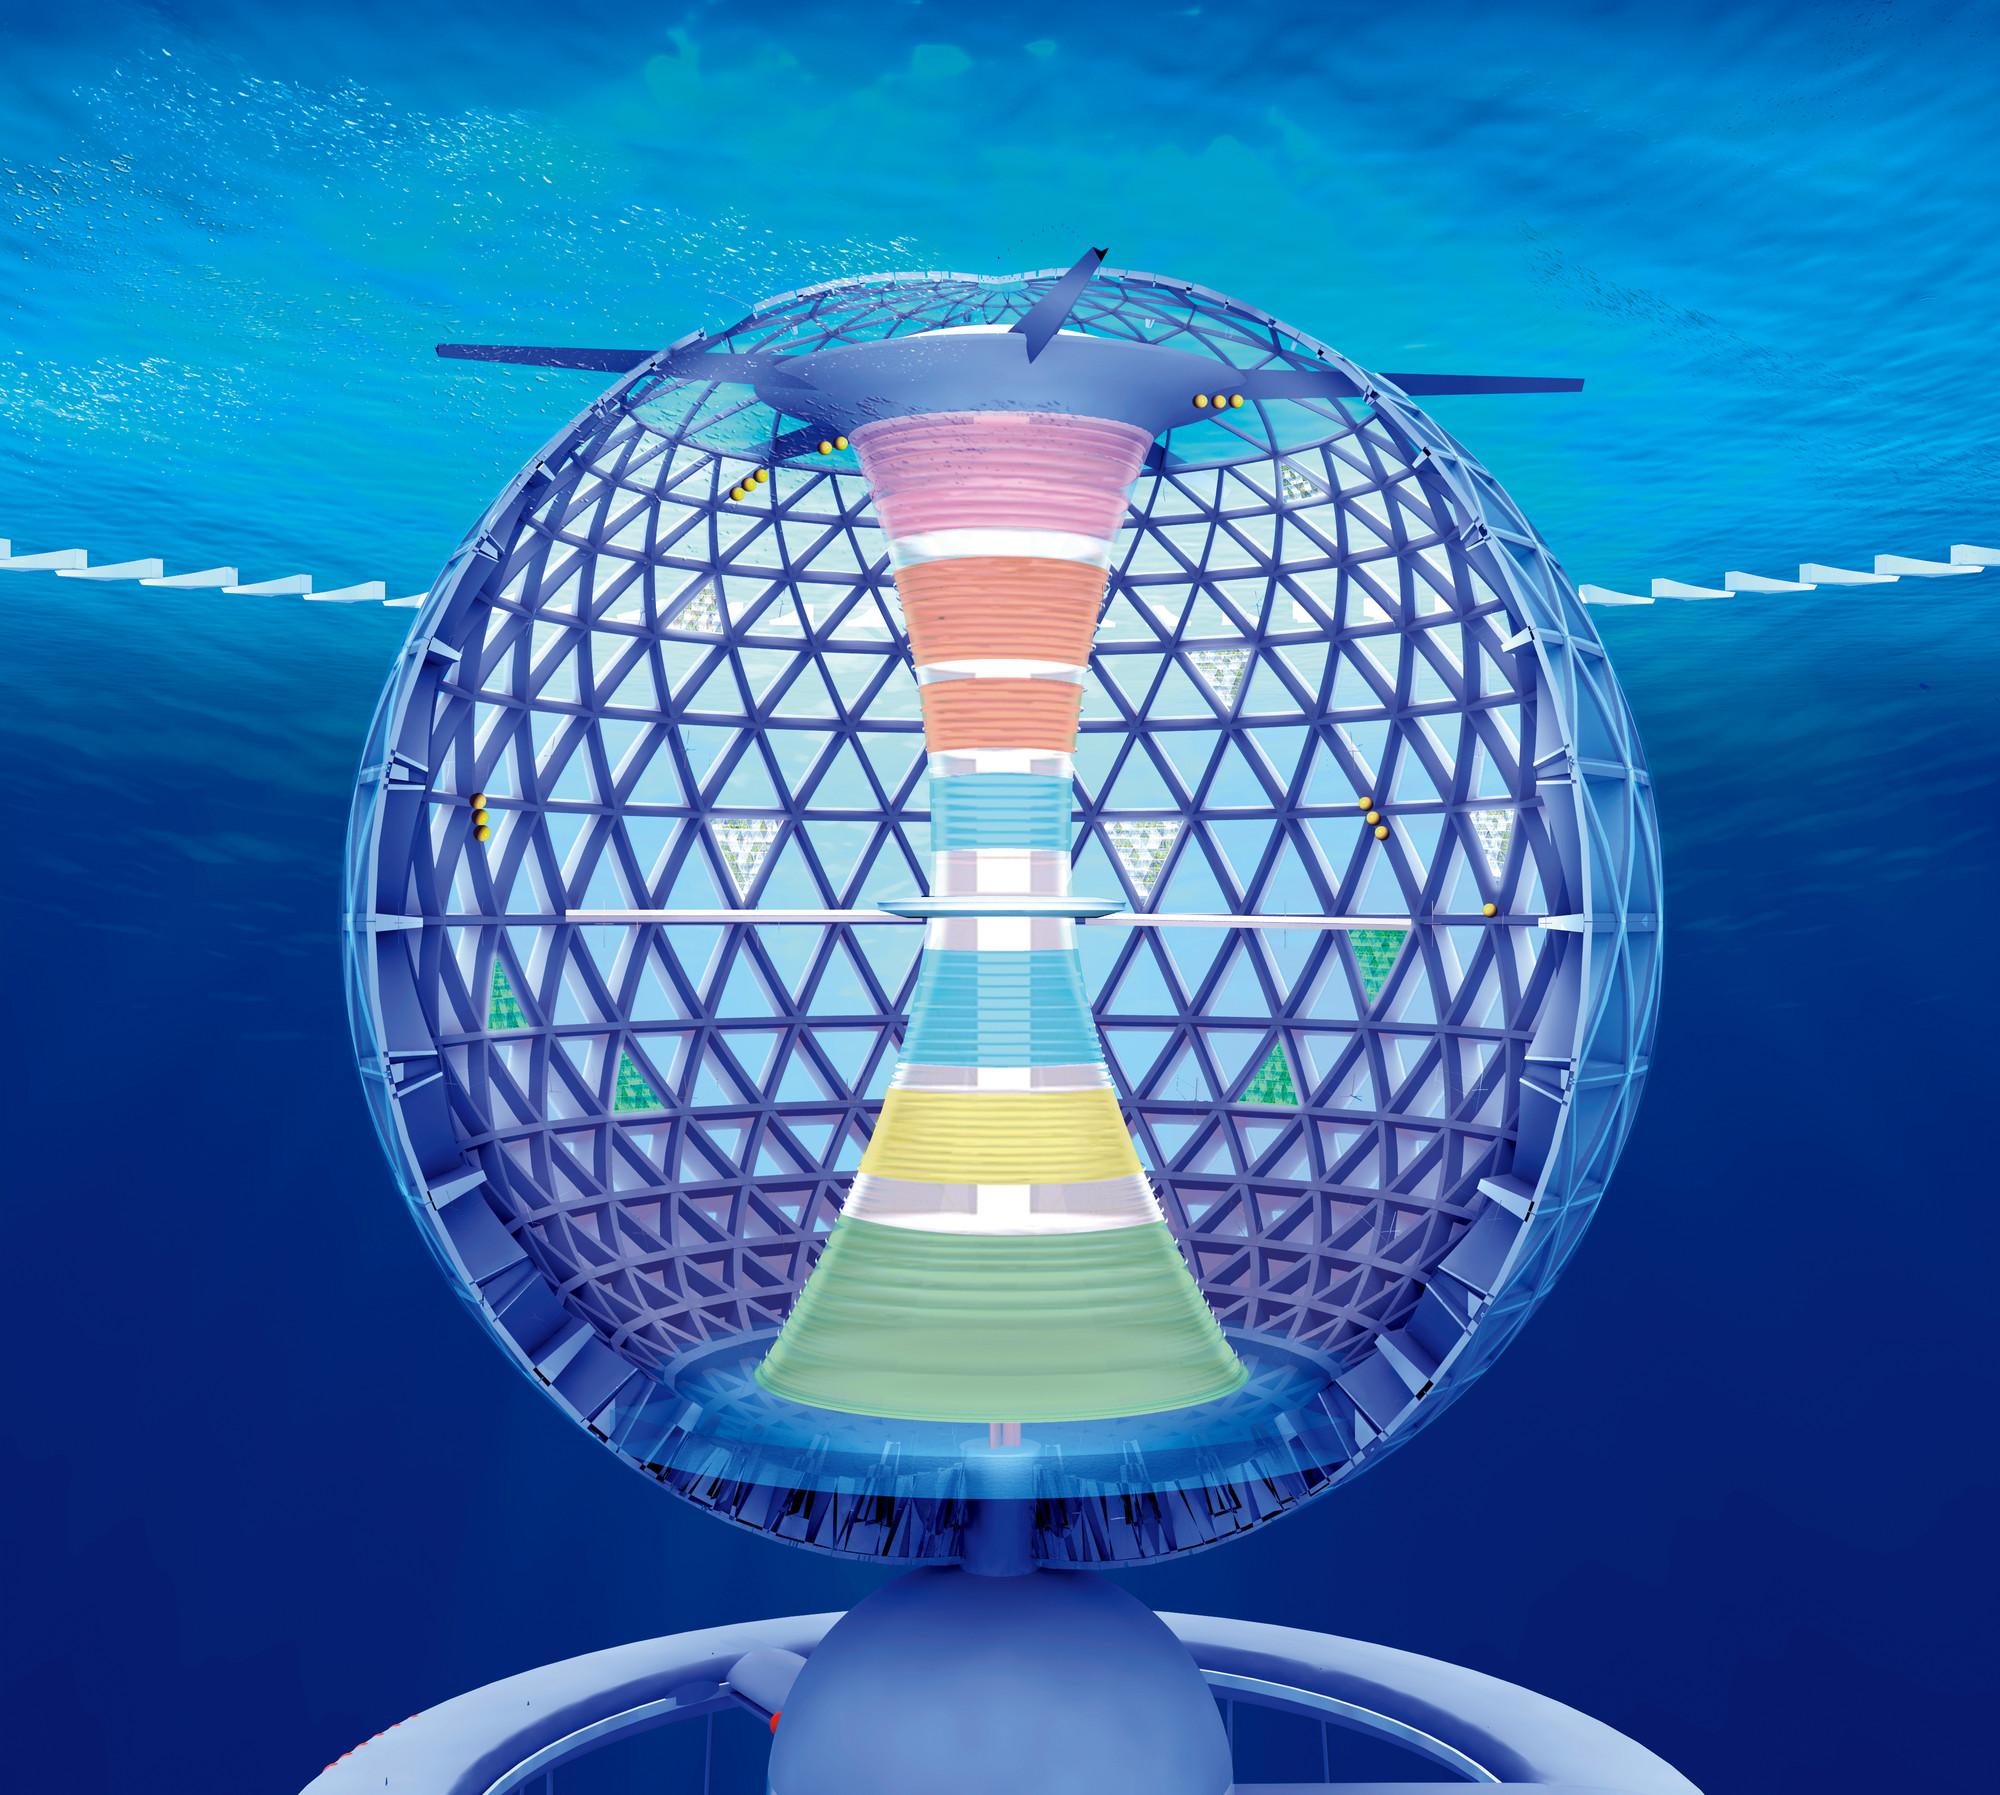 Shimizu Corporation apresenta proposta para uma cidade submersa